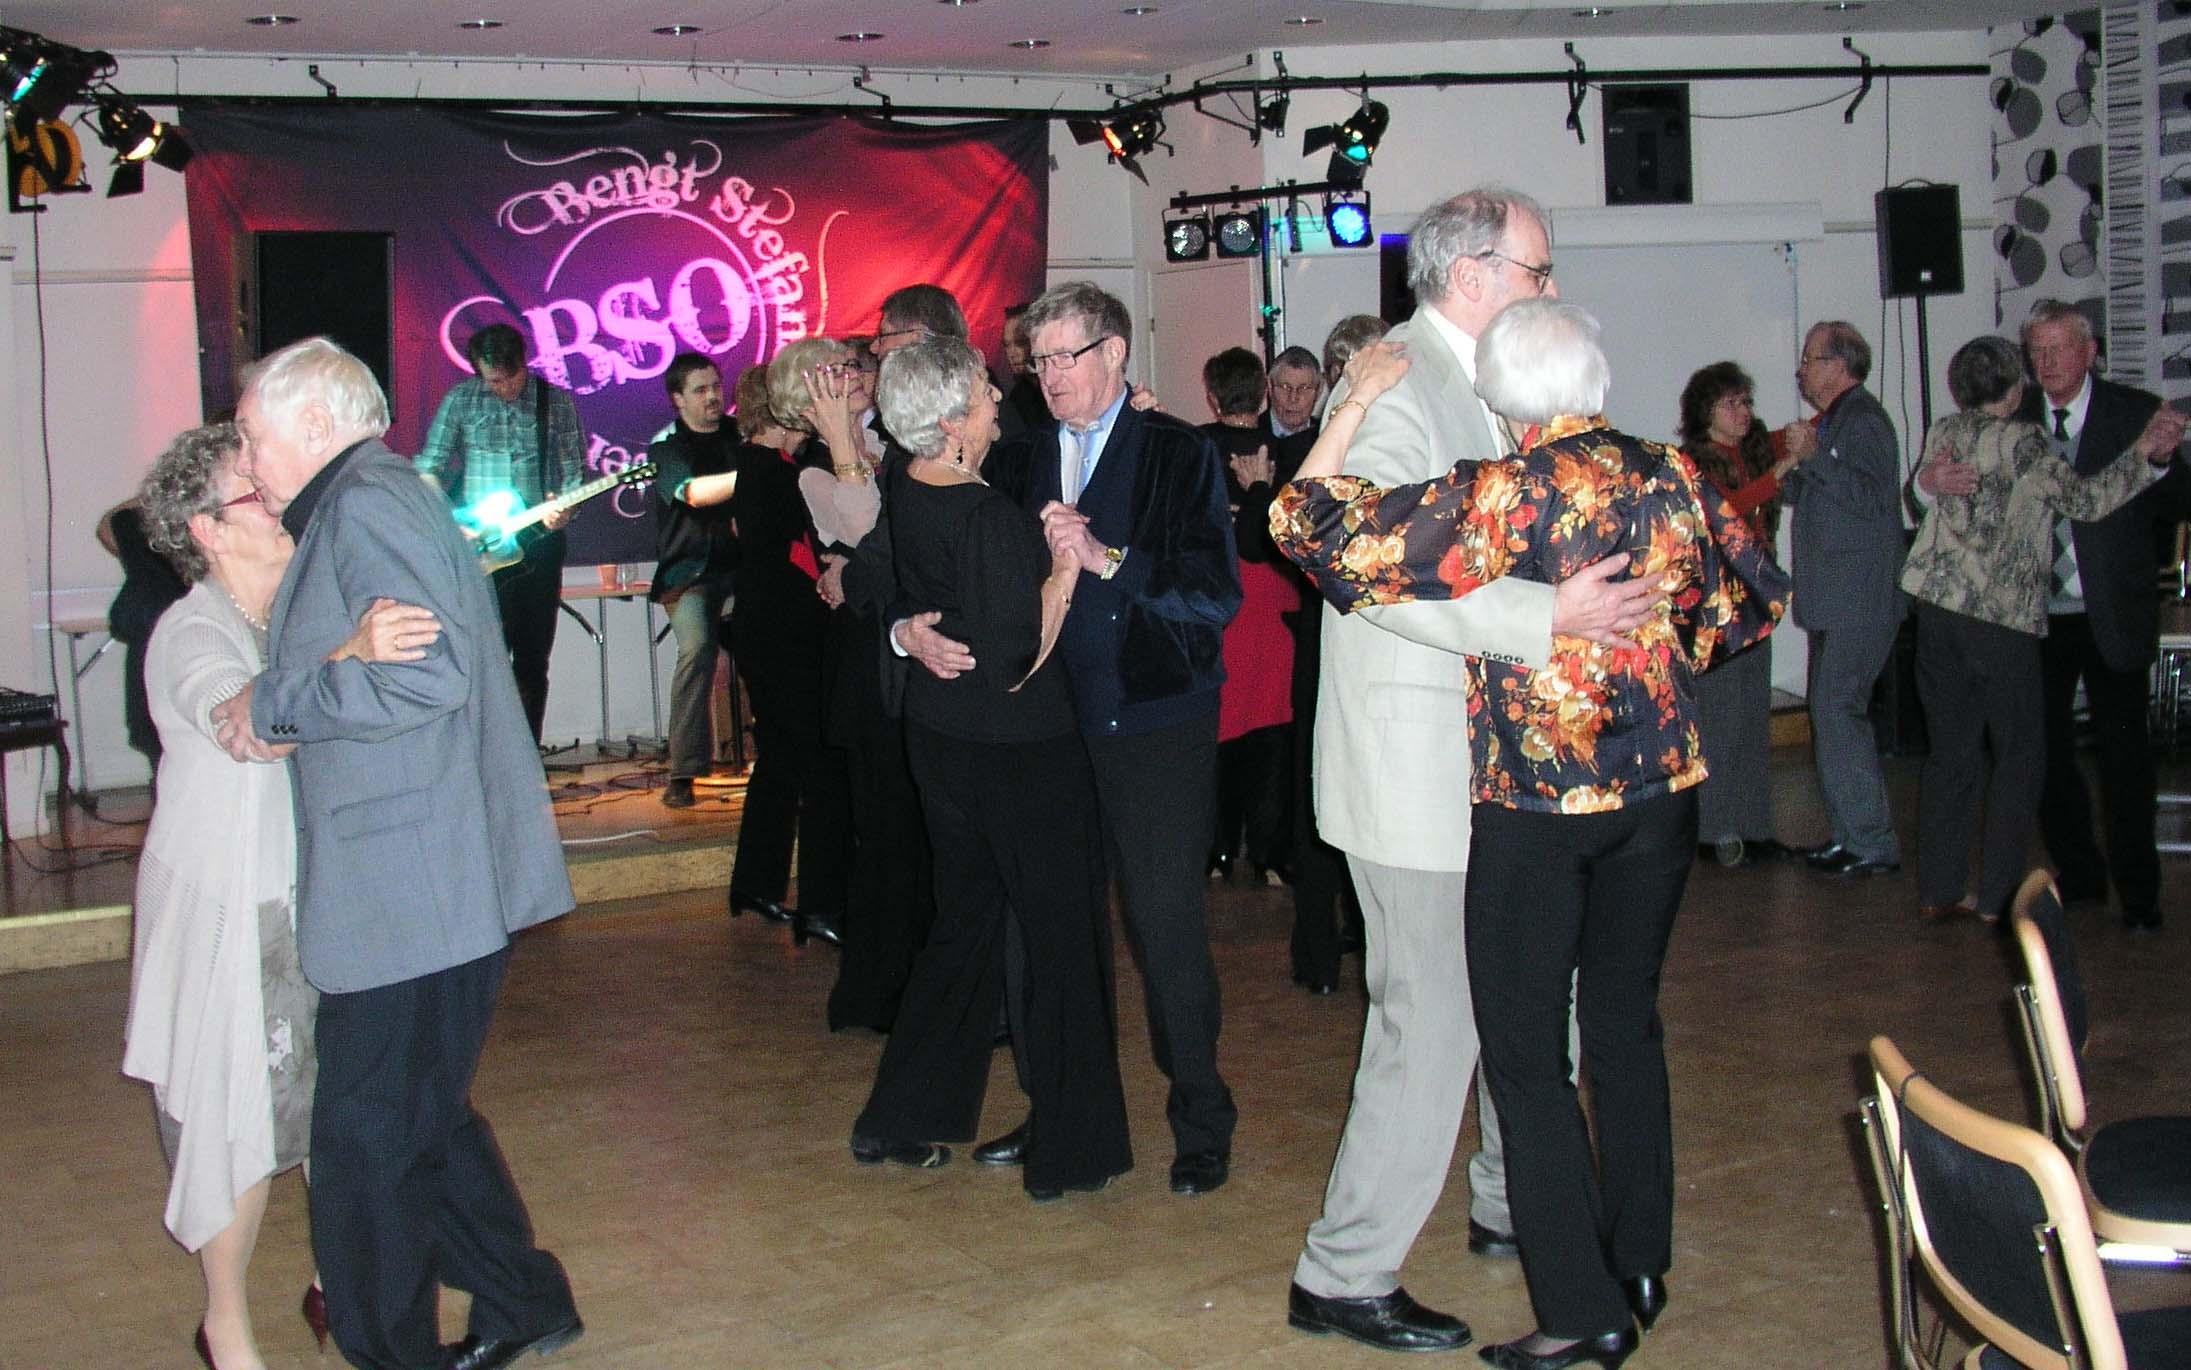 Roten festar på gamla Skottdagen